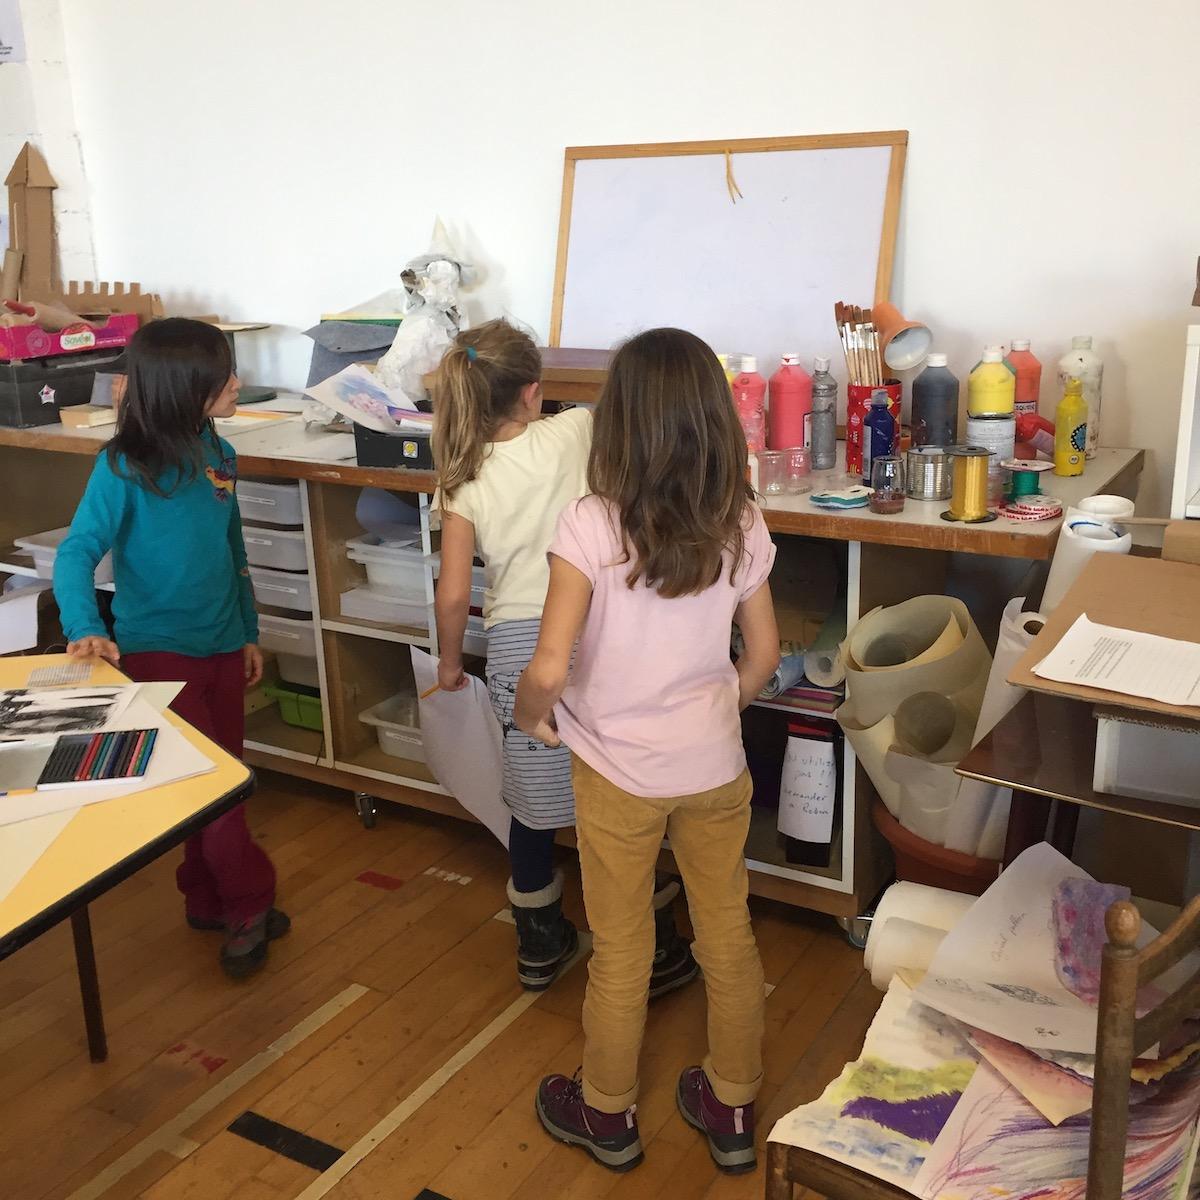 Les élèves de l'école Pleine Nature peuvent aussi s'exercer à la peinture